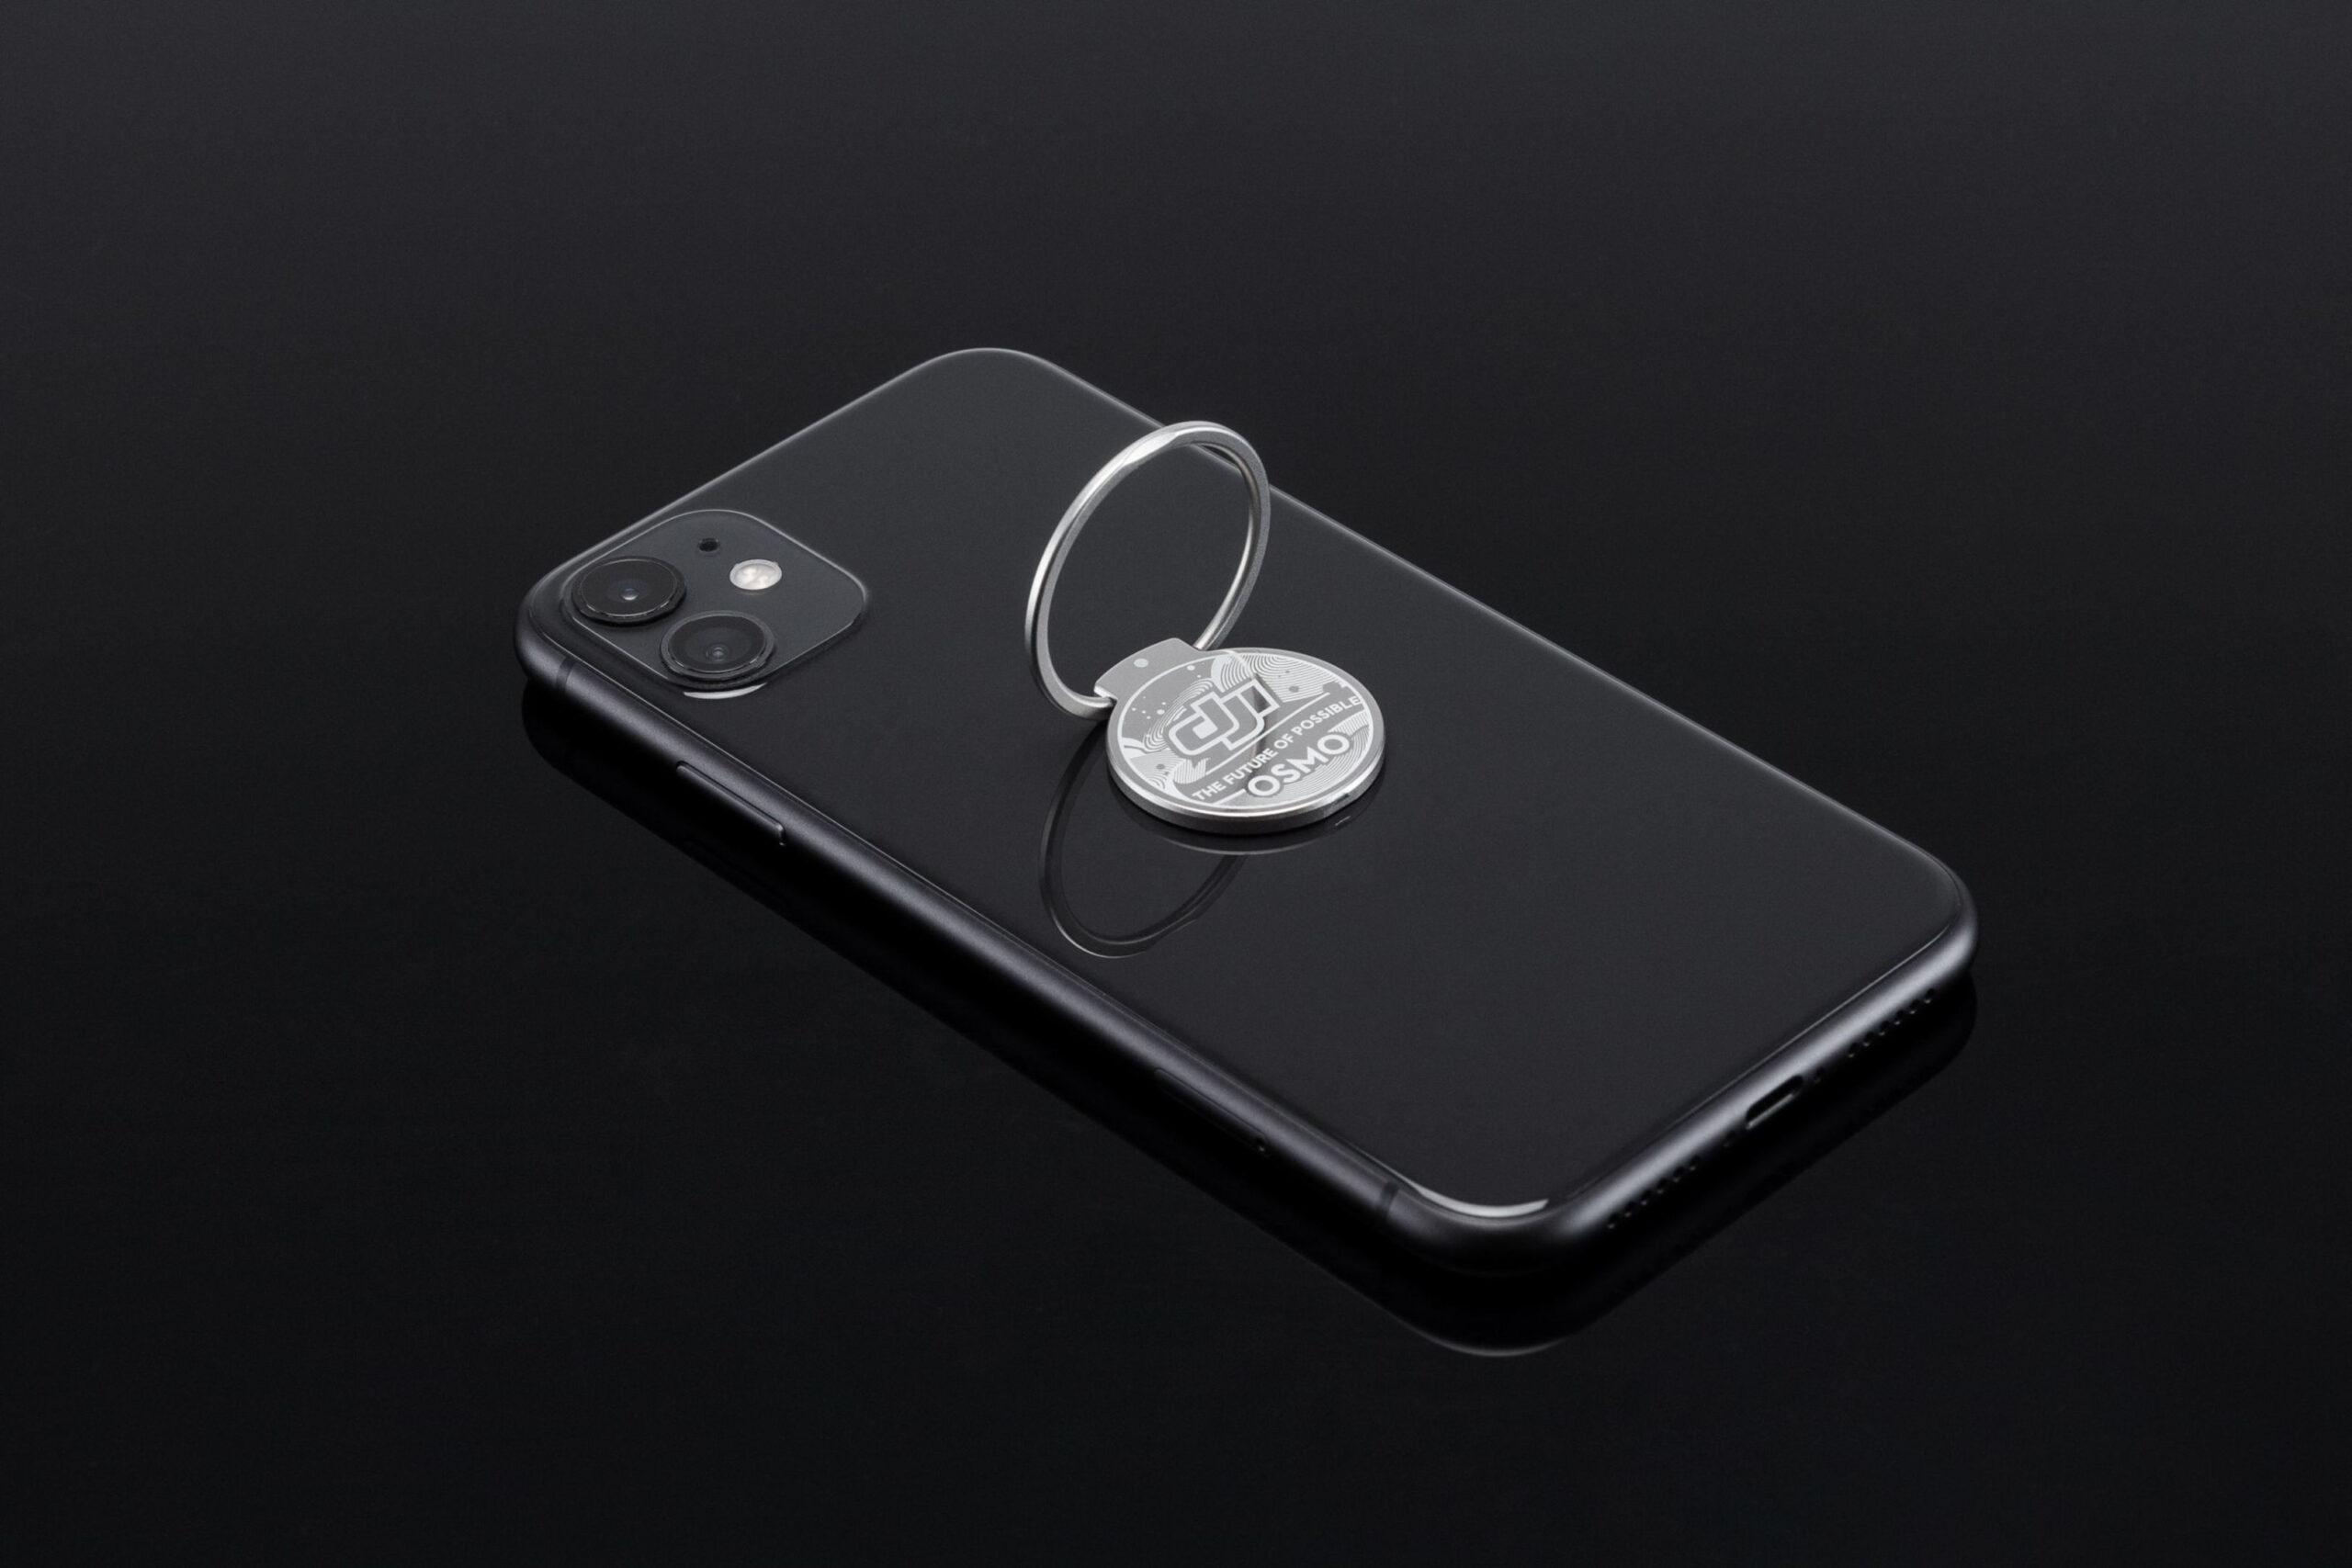 DJI-Osmo-Mobile-4-Pic